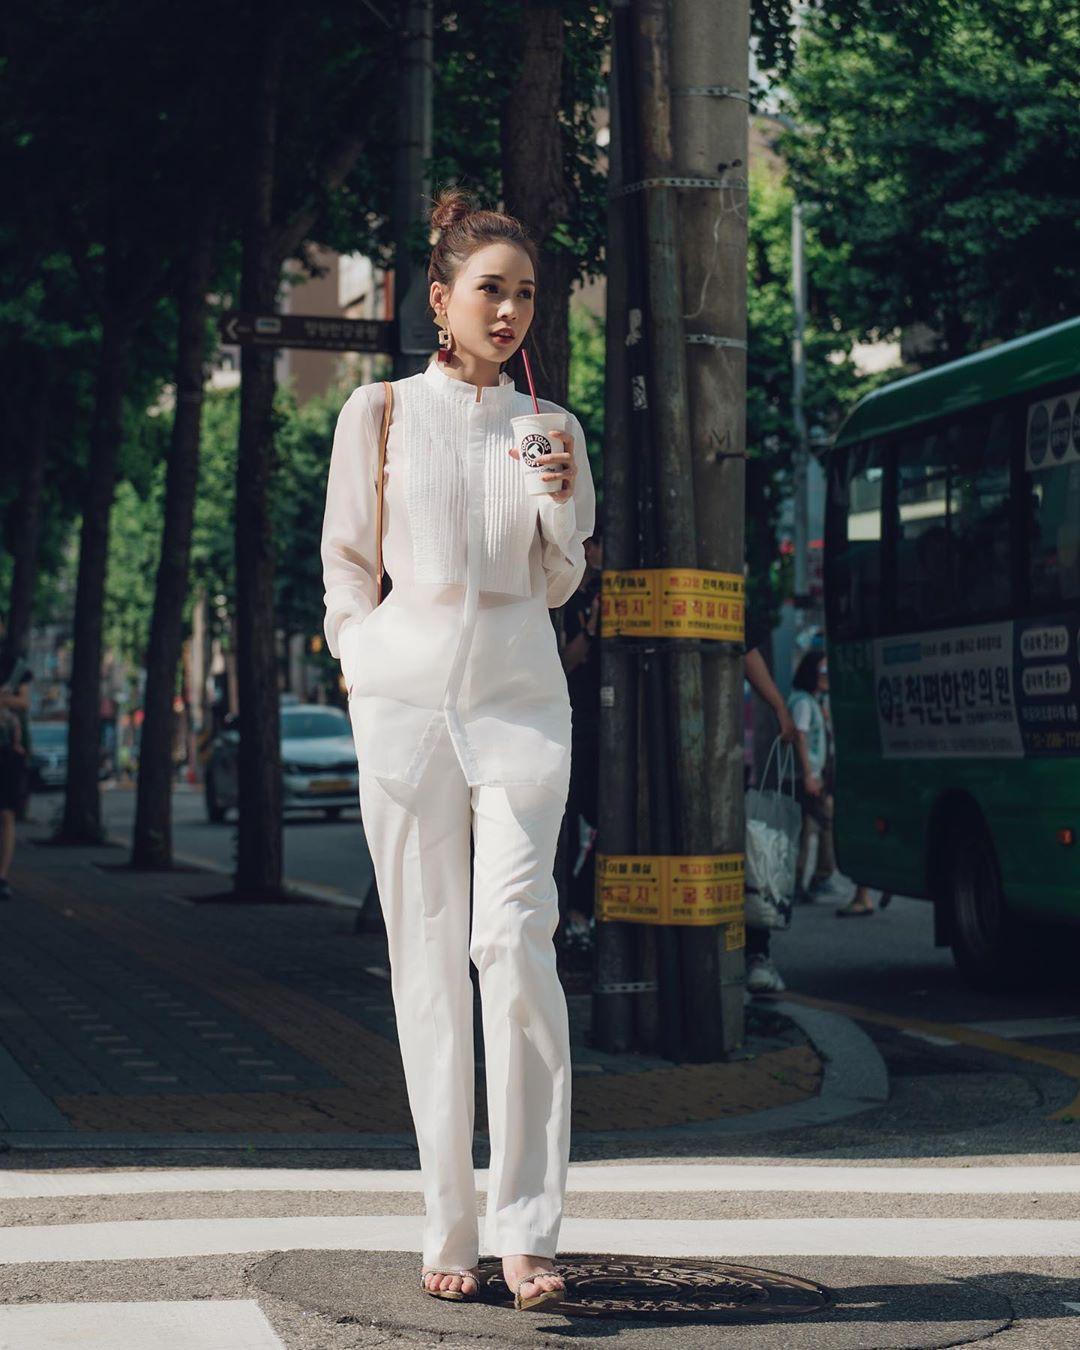 Nàng công sở không bao giờ lo mặc xấu, nếu biết 12 công thức diện áo sơ mi trắng tuyệt xinh từ các mỹ nhân Việt-4